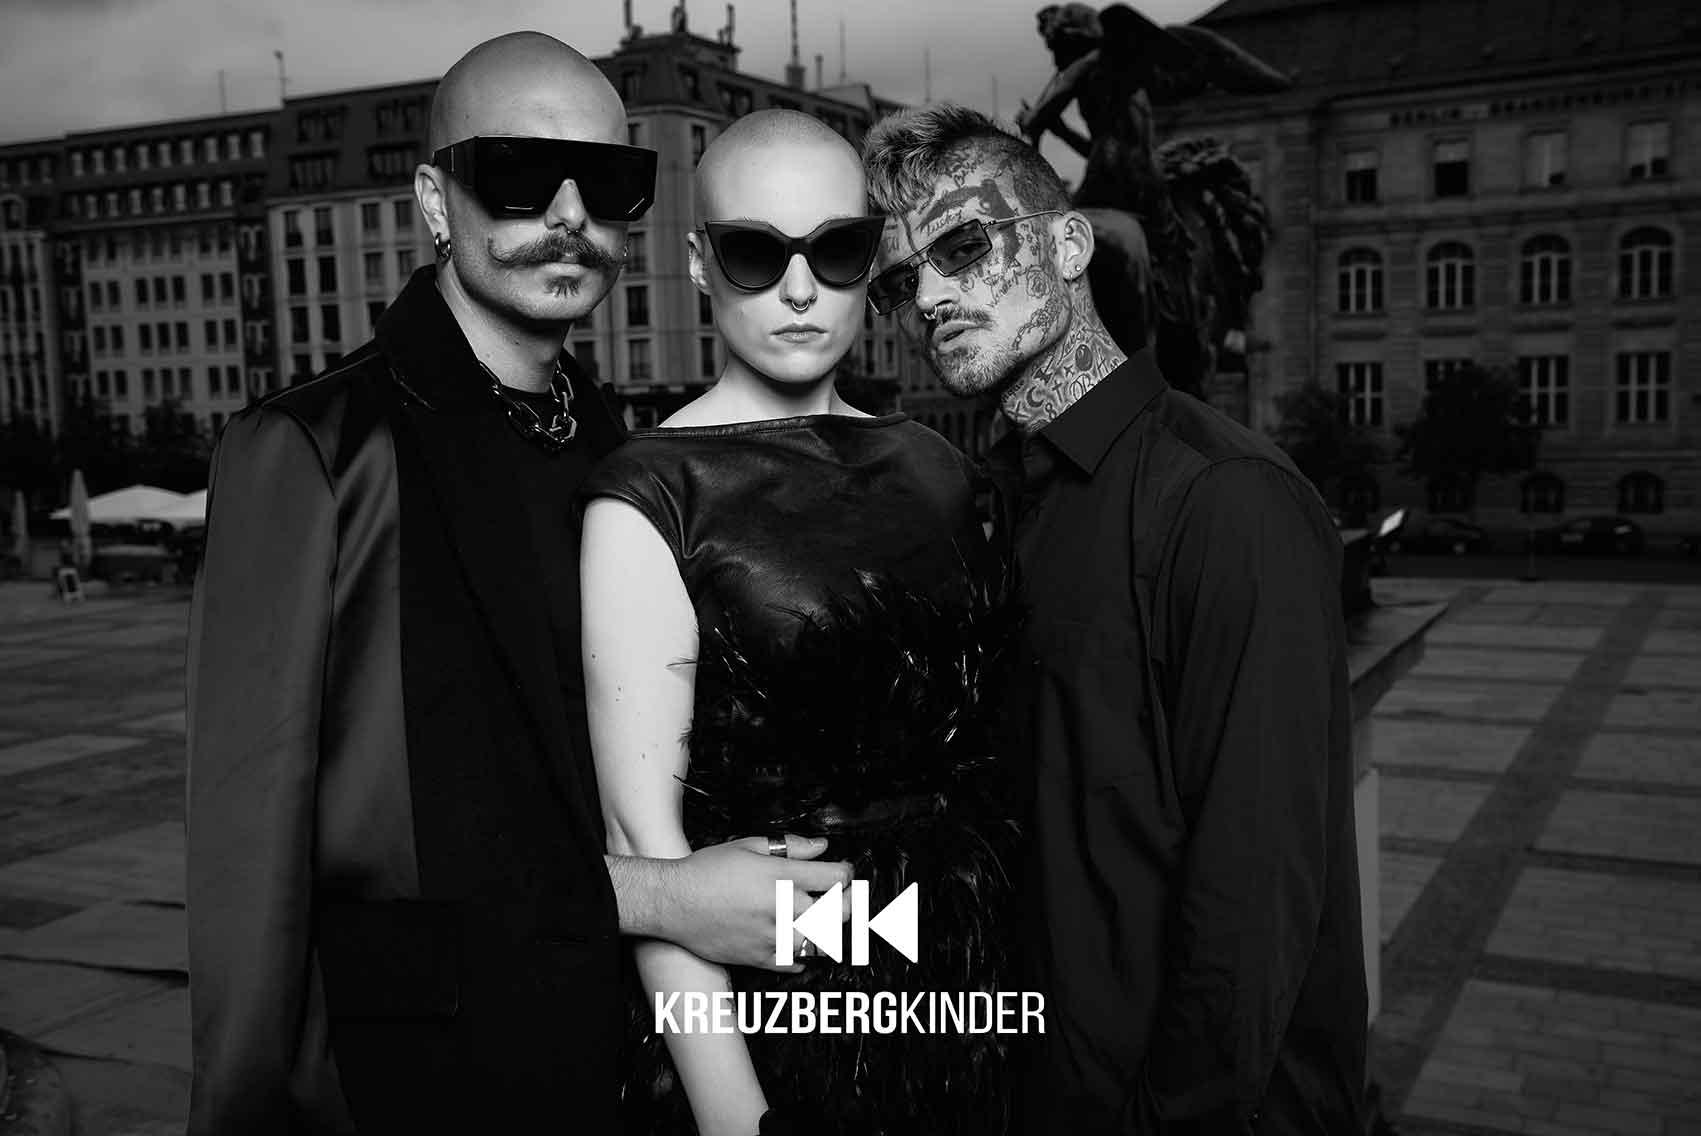 משקפי-Disruption_Mixed_II-אופנה